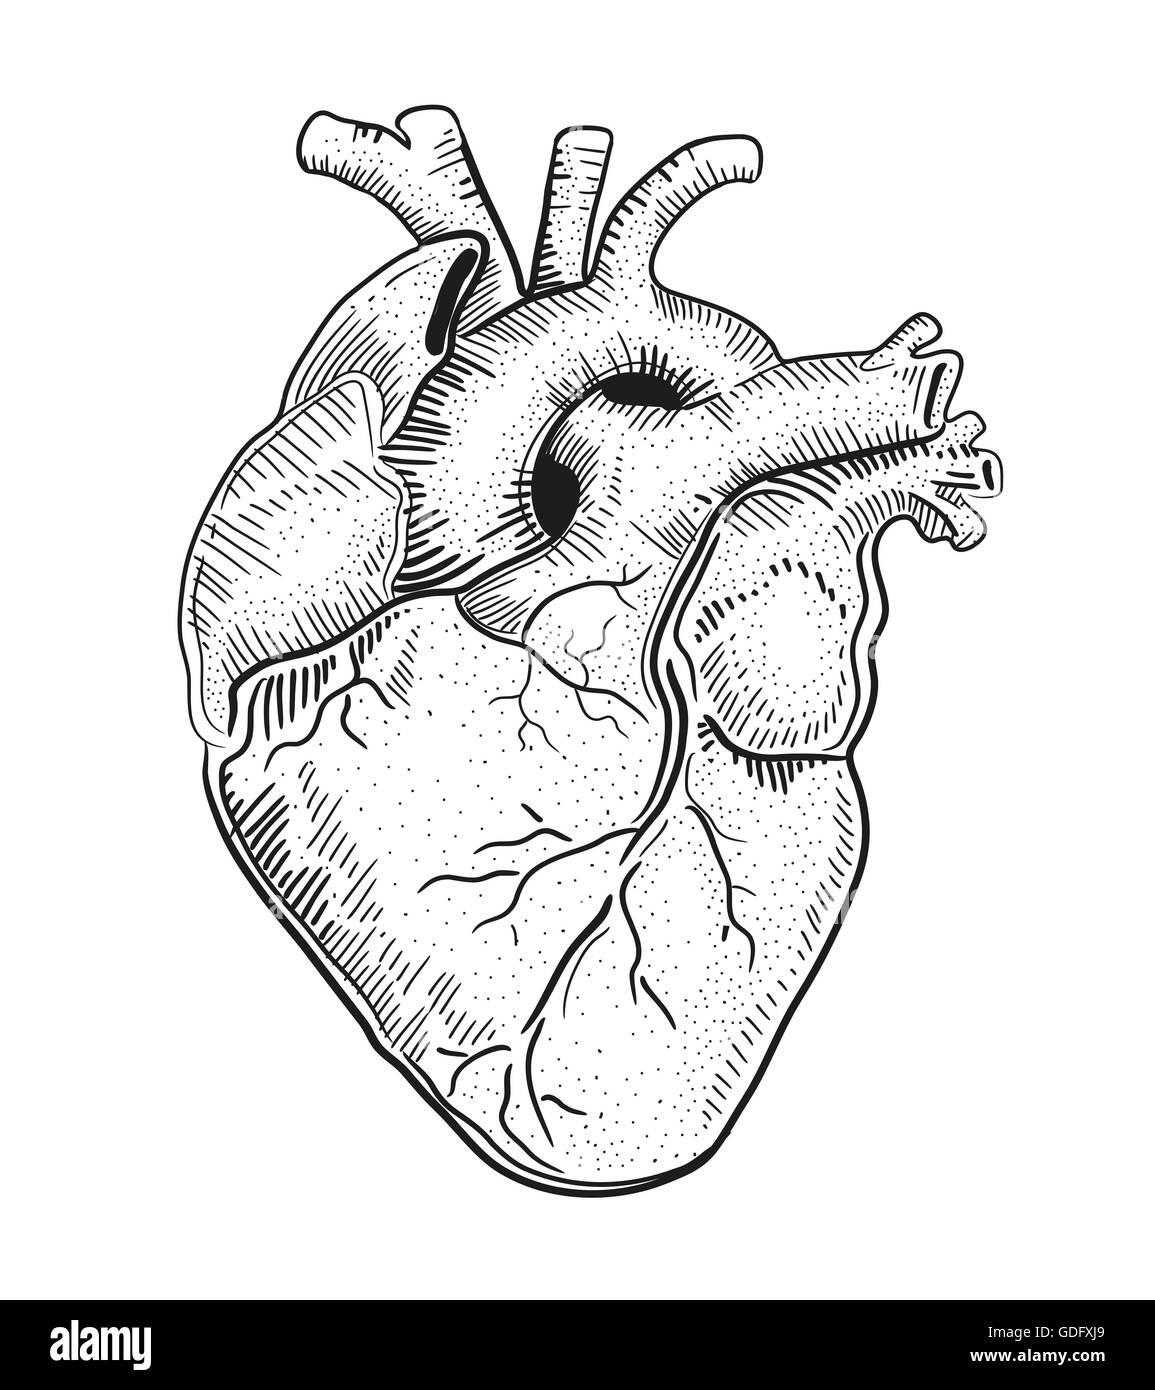 Ilustración Dibujada A Mano O Un Dibujo De Un Corazón Humano Foto